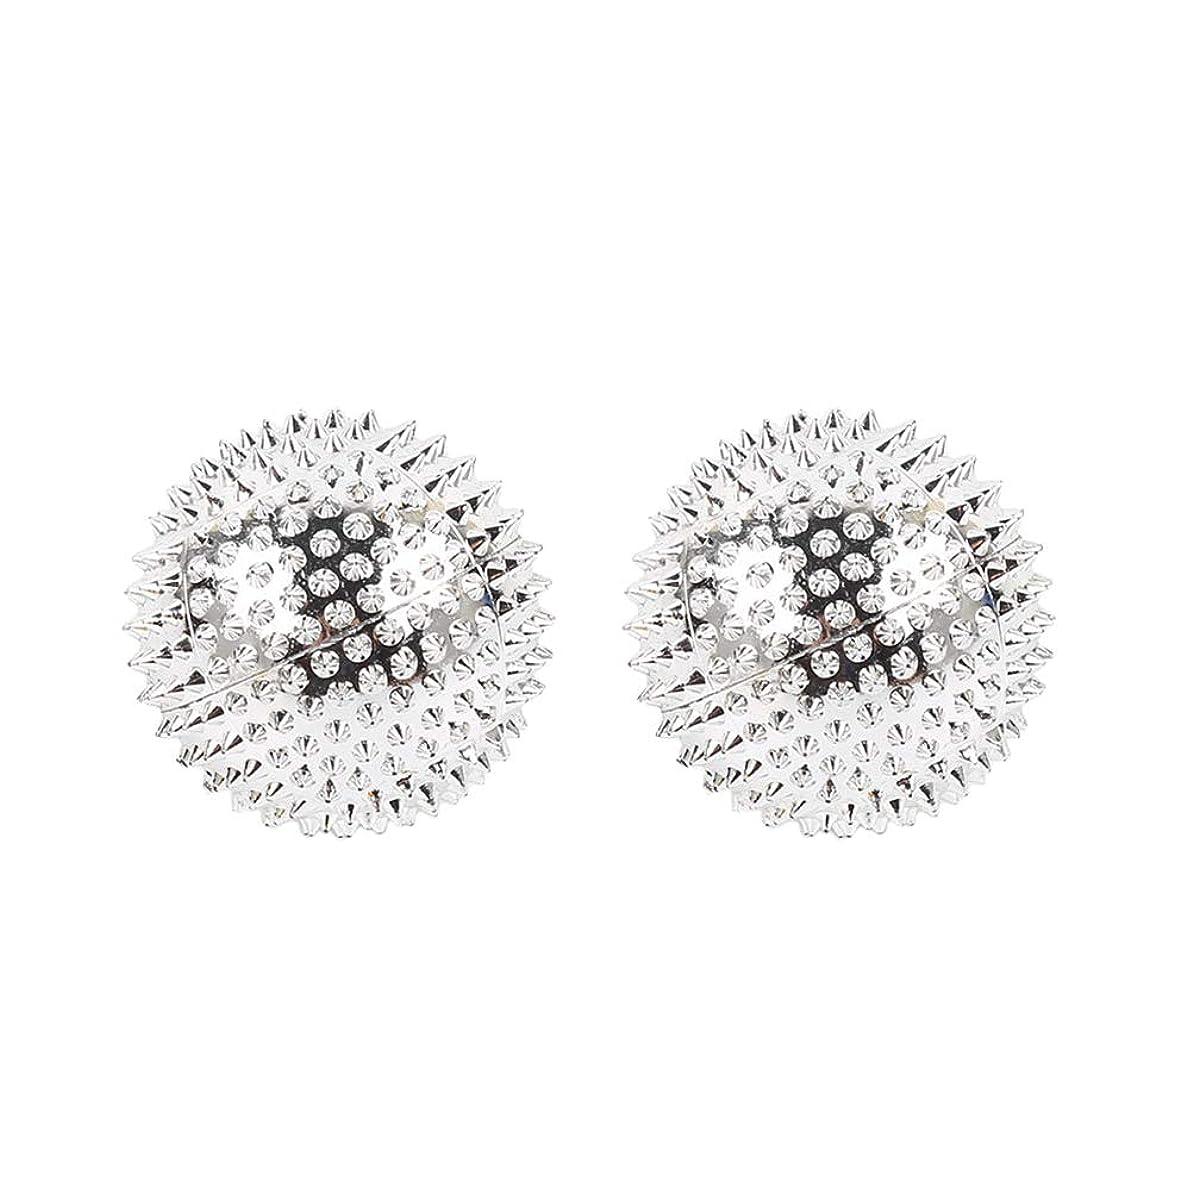 不一致表現おHEALIFTY 2本スパイシーマッサージボール磁気感覚ボールAcupointsヨガボールフィットネスボールを攪拌